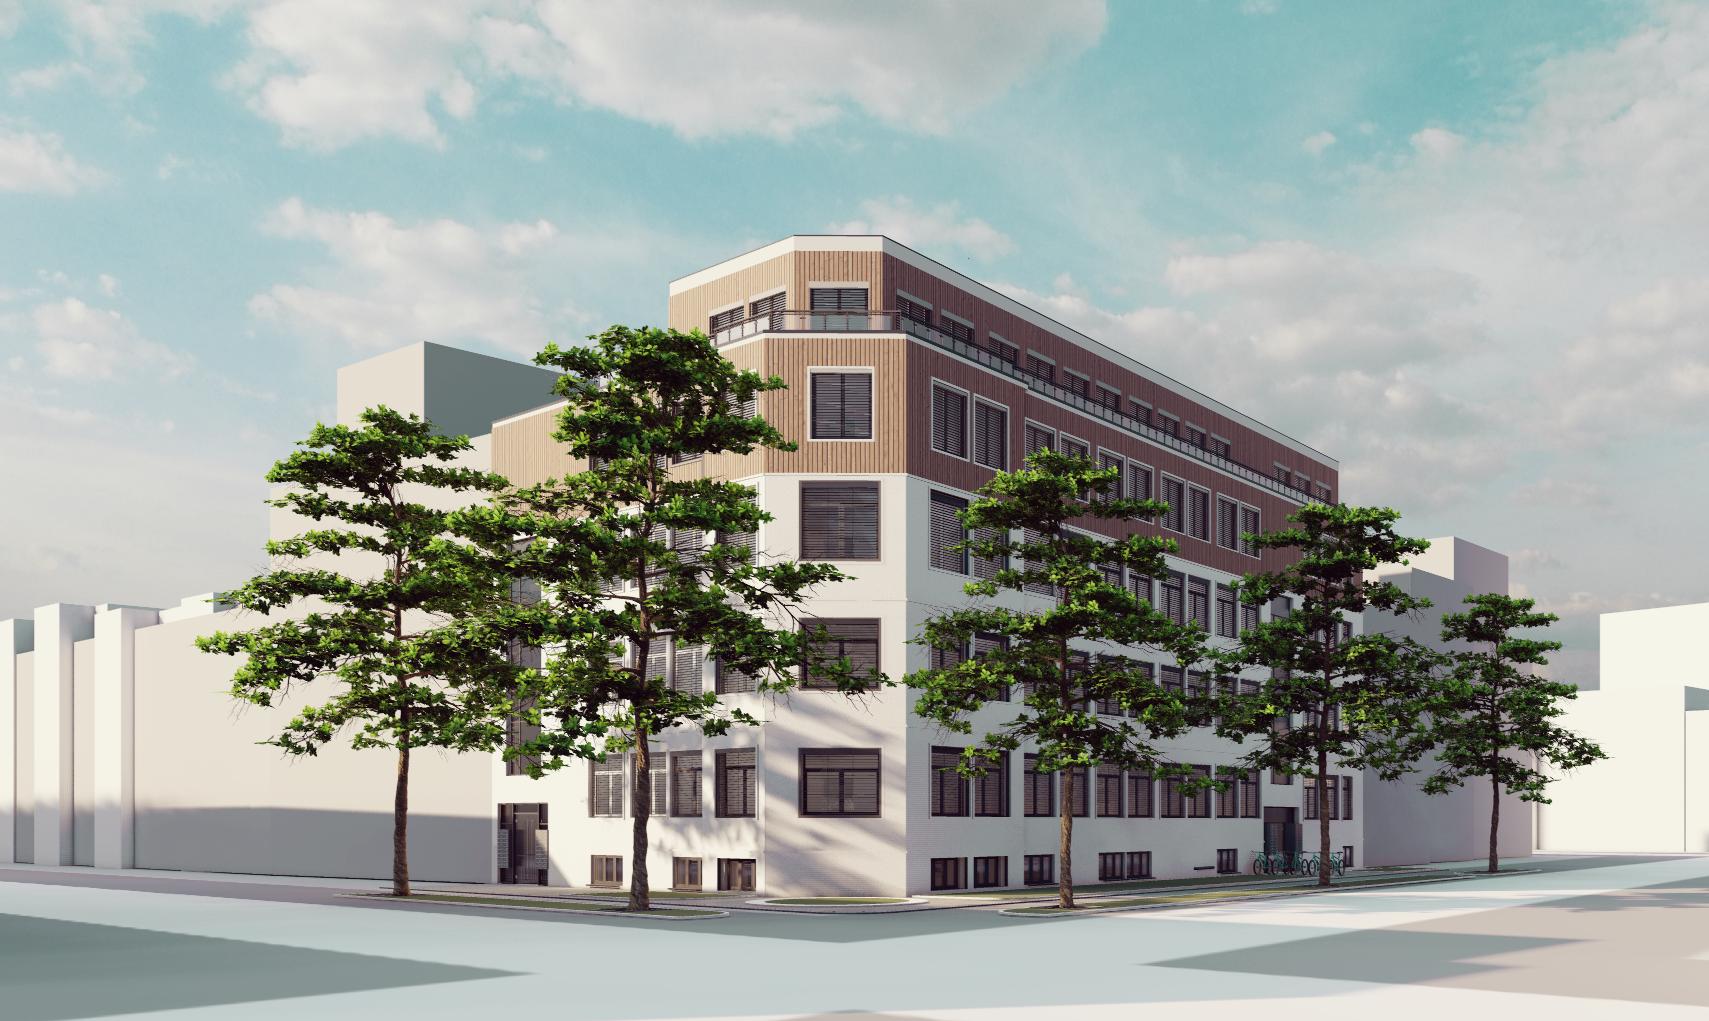 fca Architekten Visualisierung Studentenwohnheim Schlieperstraße Berlin Außenansicht